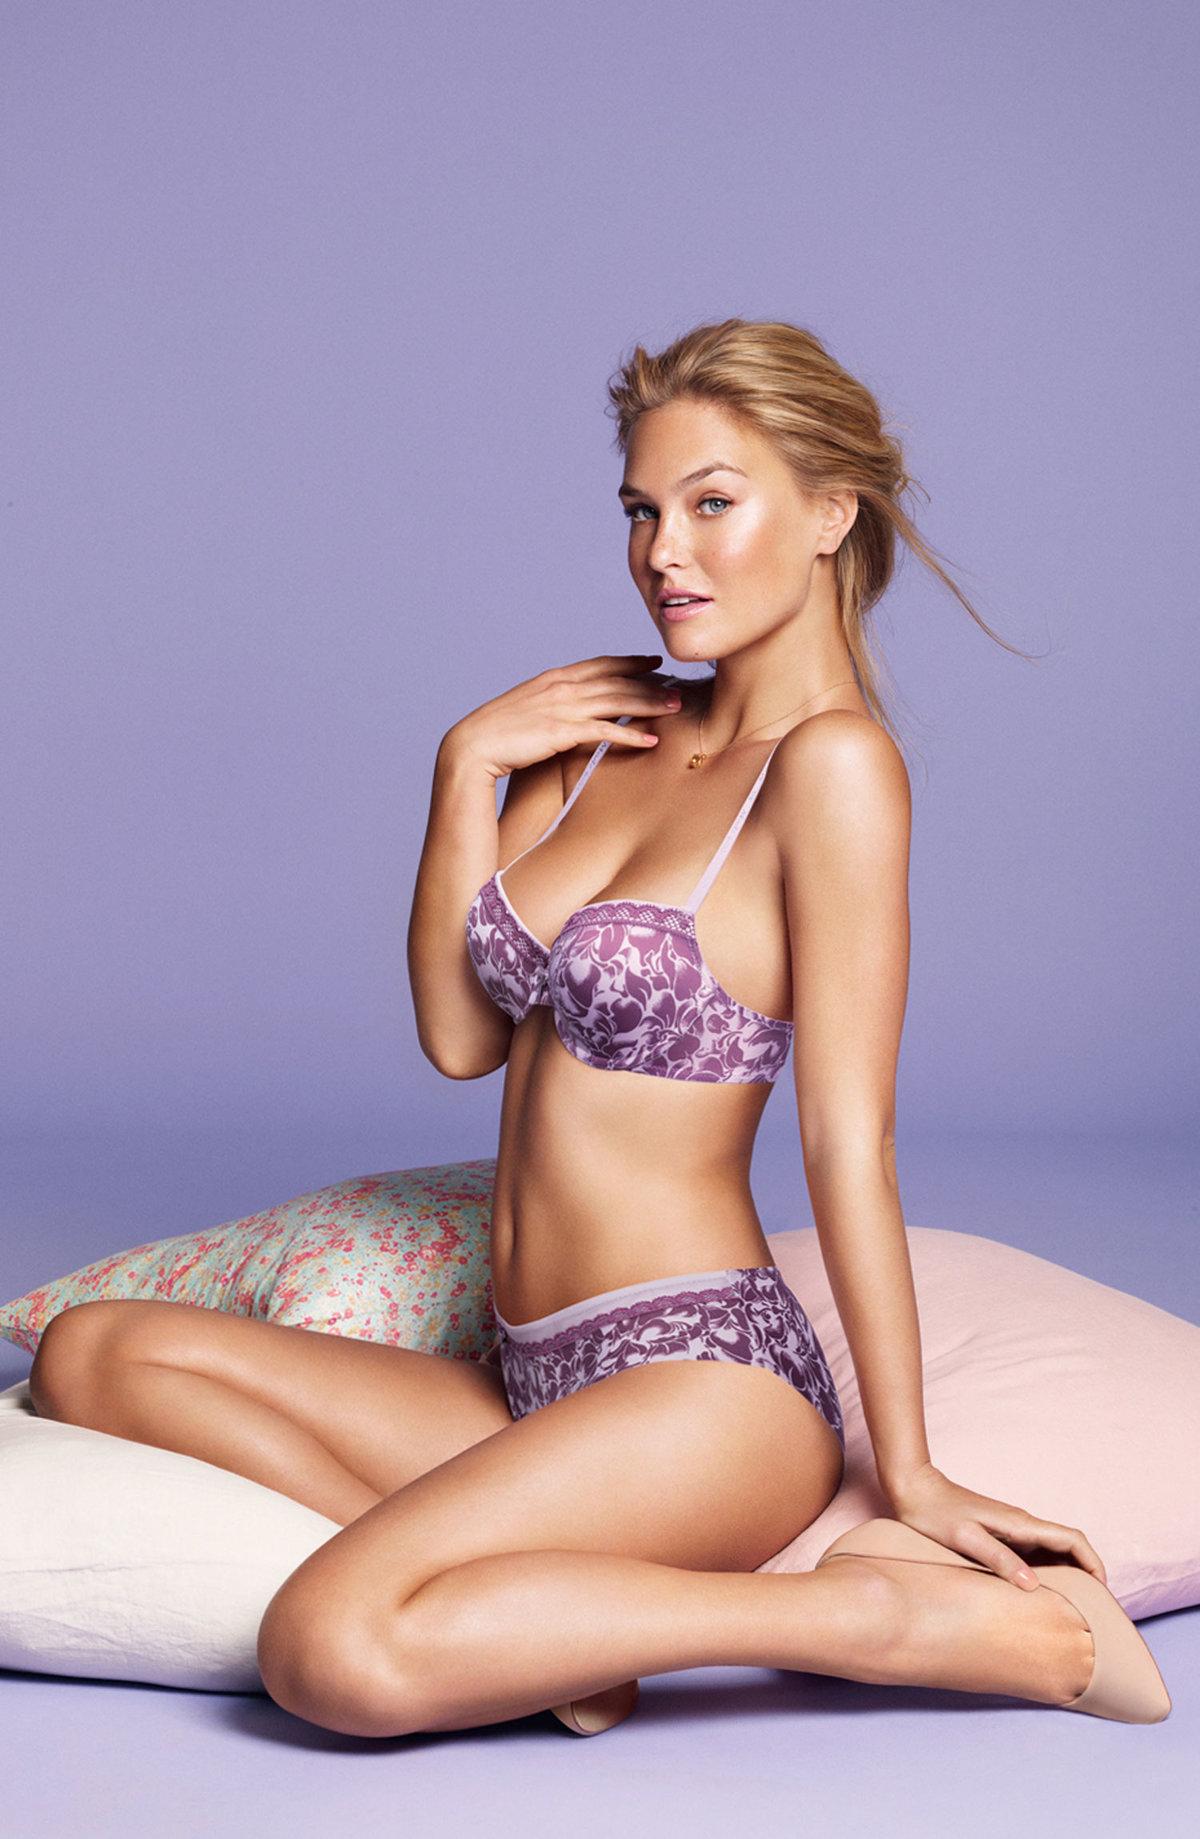 sex-supermodels-supermodels-forever-lingerie-bikini-gallery-secret-sleep-shorts